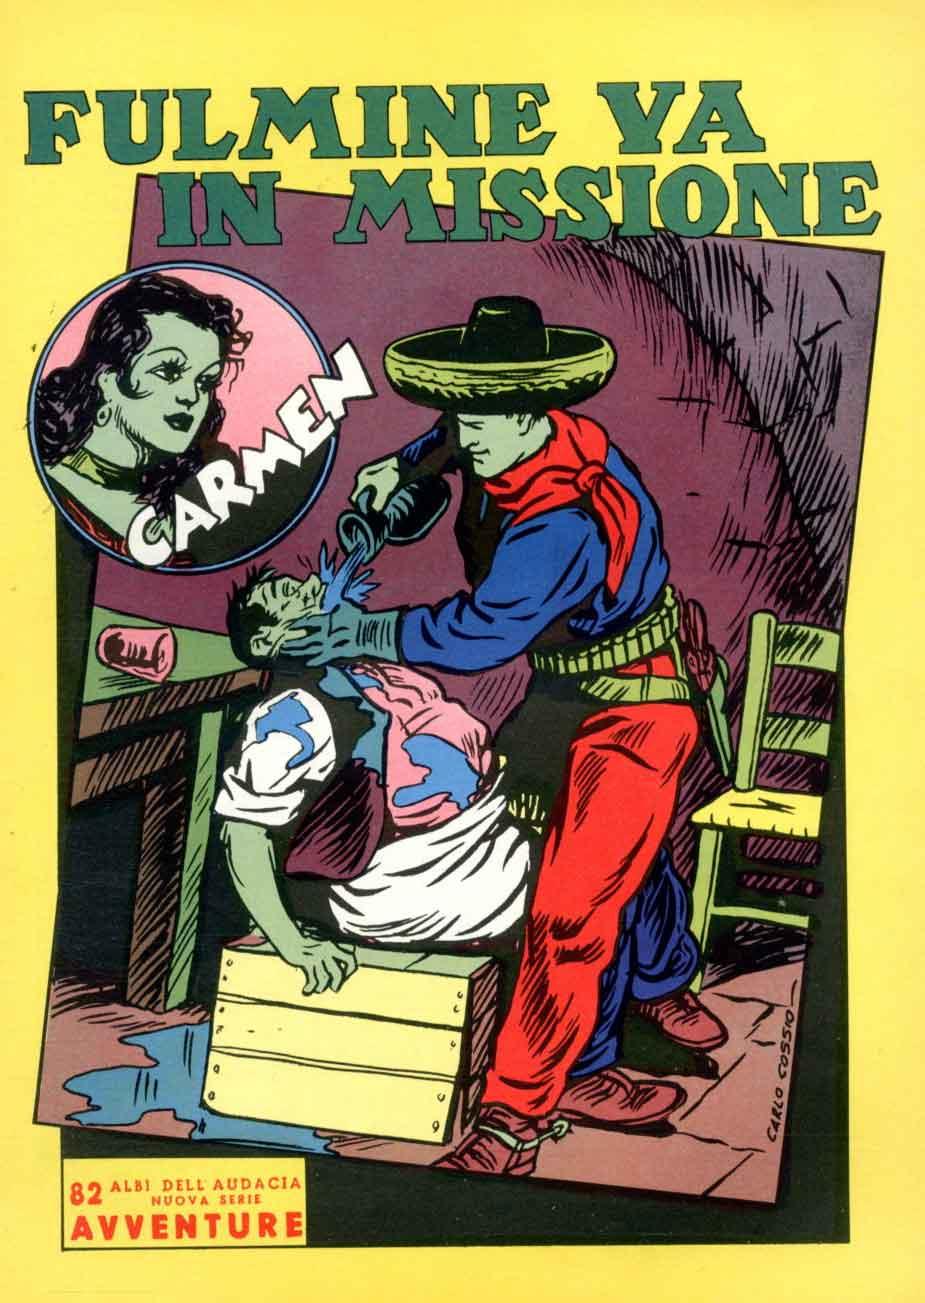 Dei Fumetti Online Il Lettori Portale Fumetto it Suoi E 354LAjqR